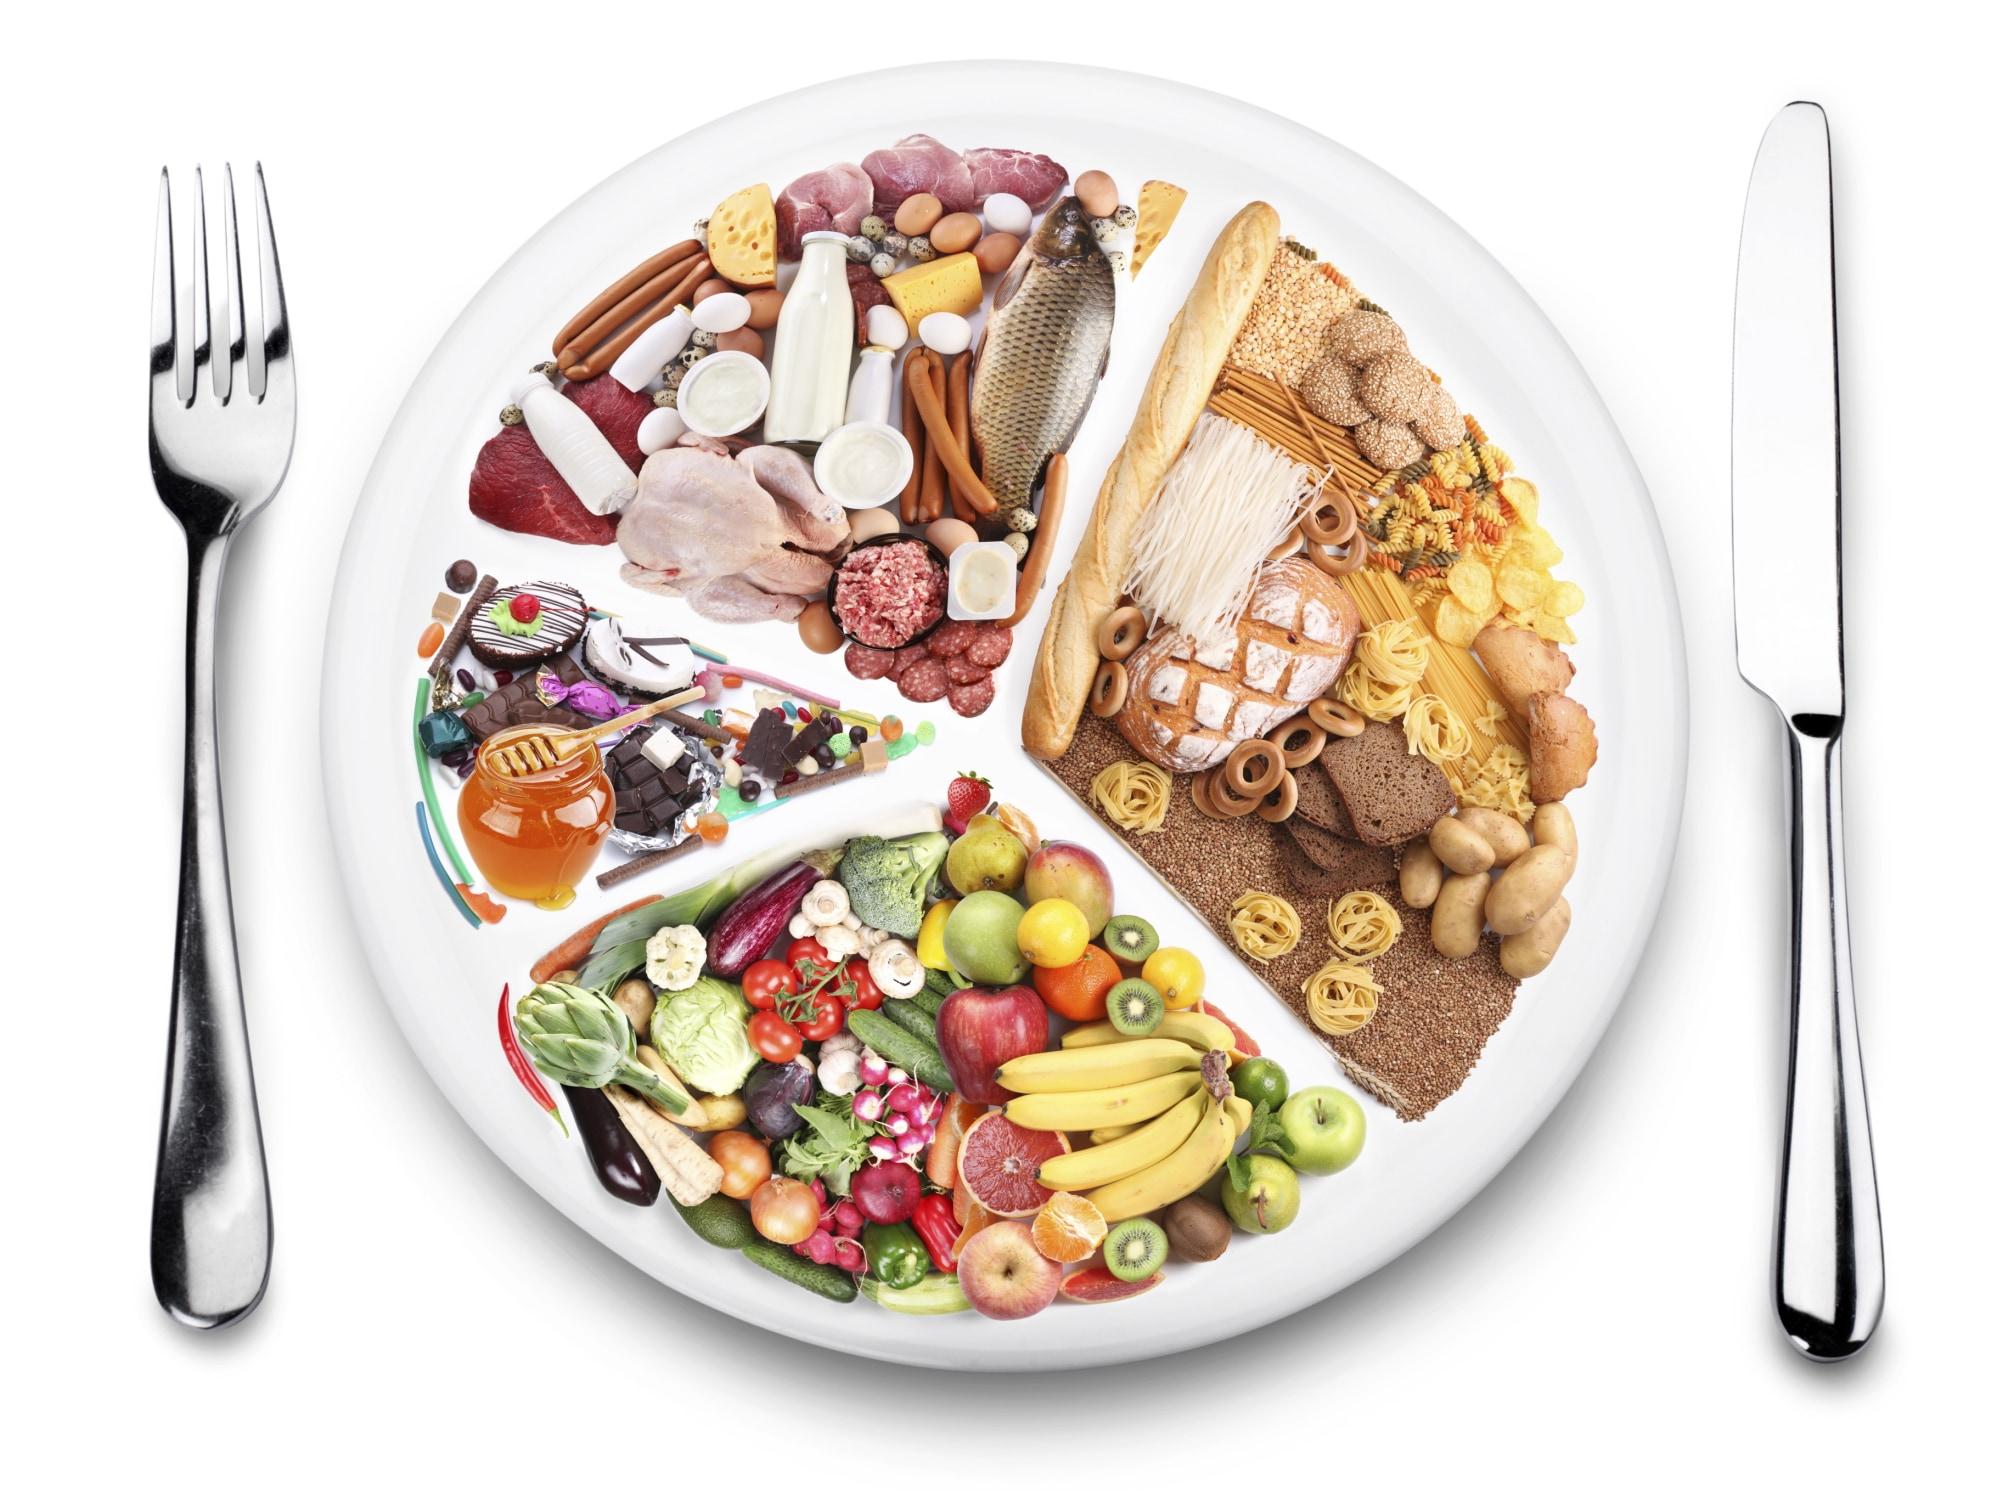 táplálkozás diéta 1 hét alatt